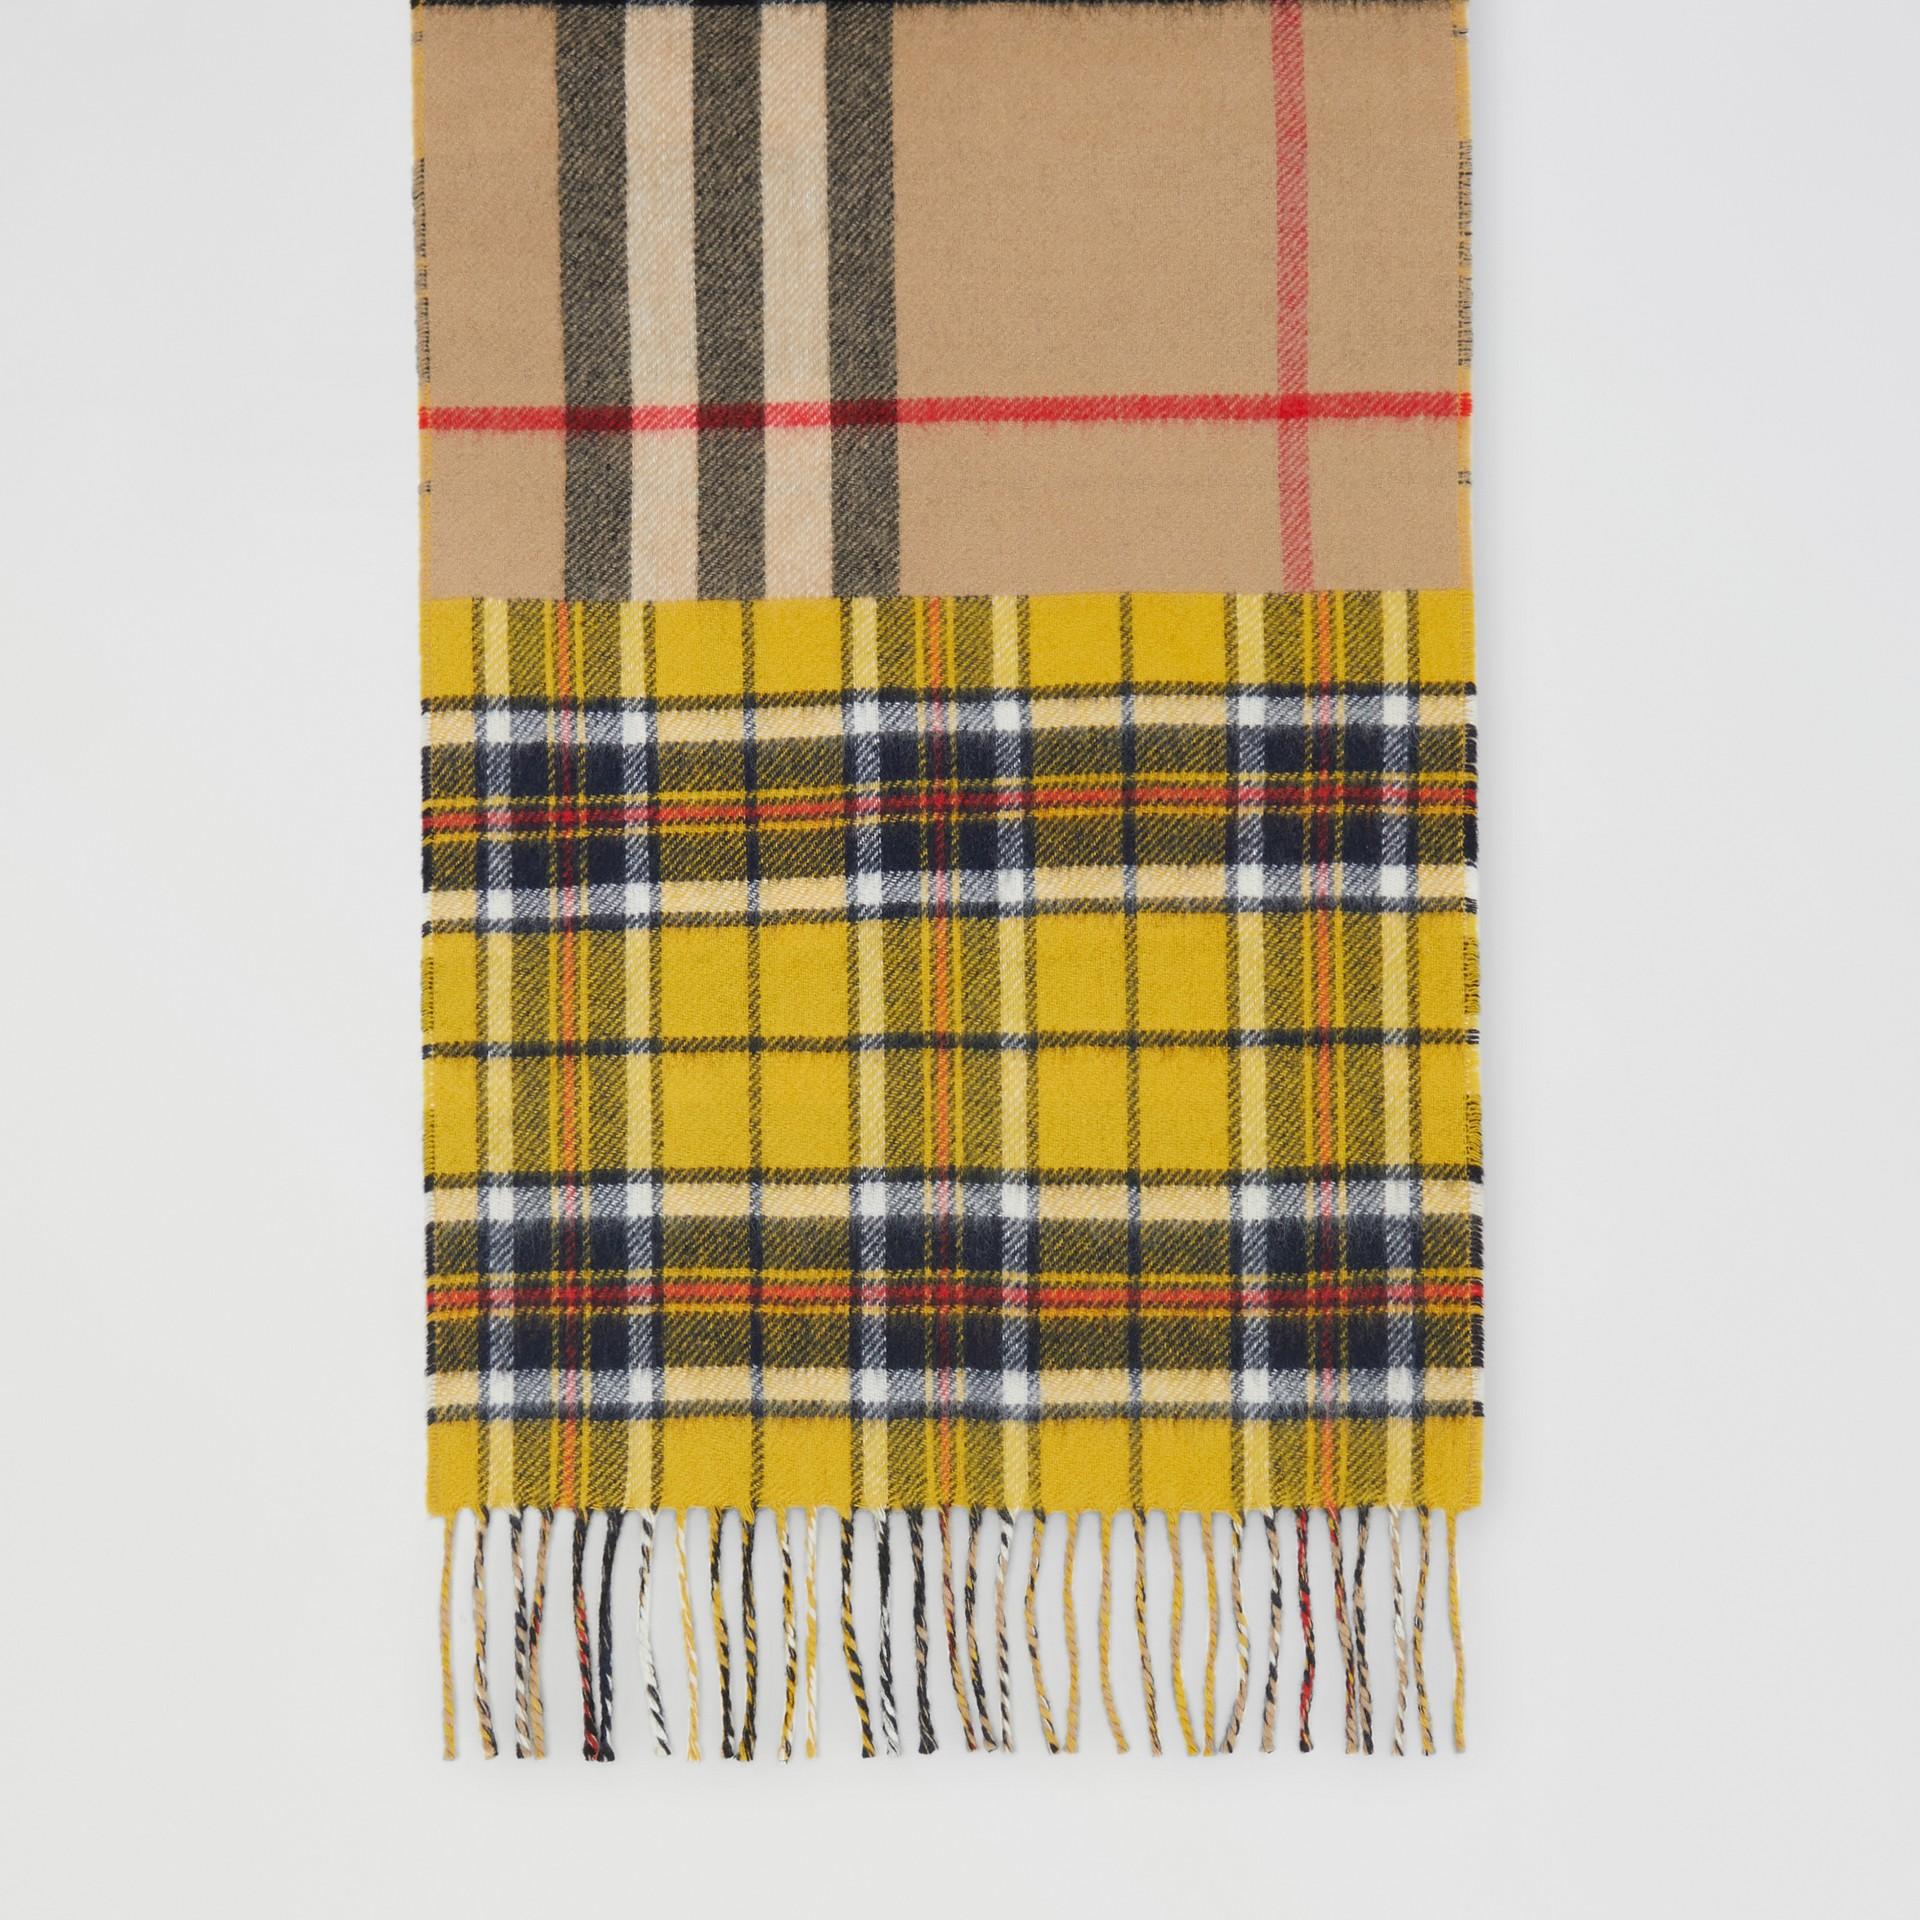 對比格紋喀什米爾美麗諾羊毛提花圍巾 (鮮黃色) | Burberry - 圖庫照片 4